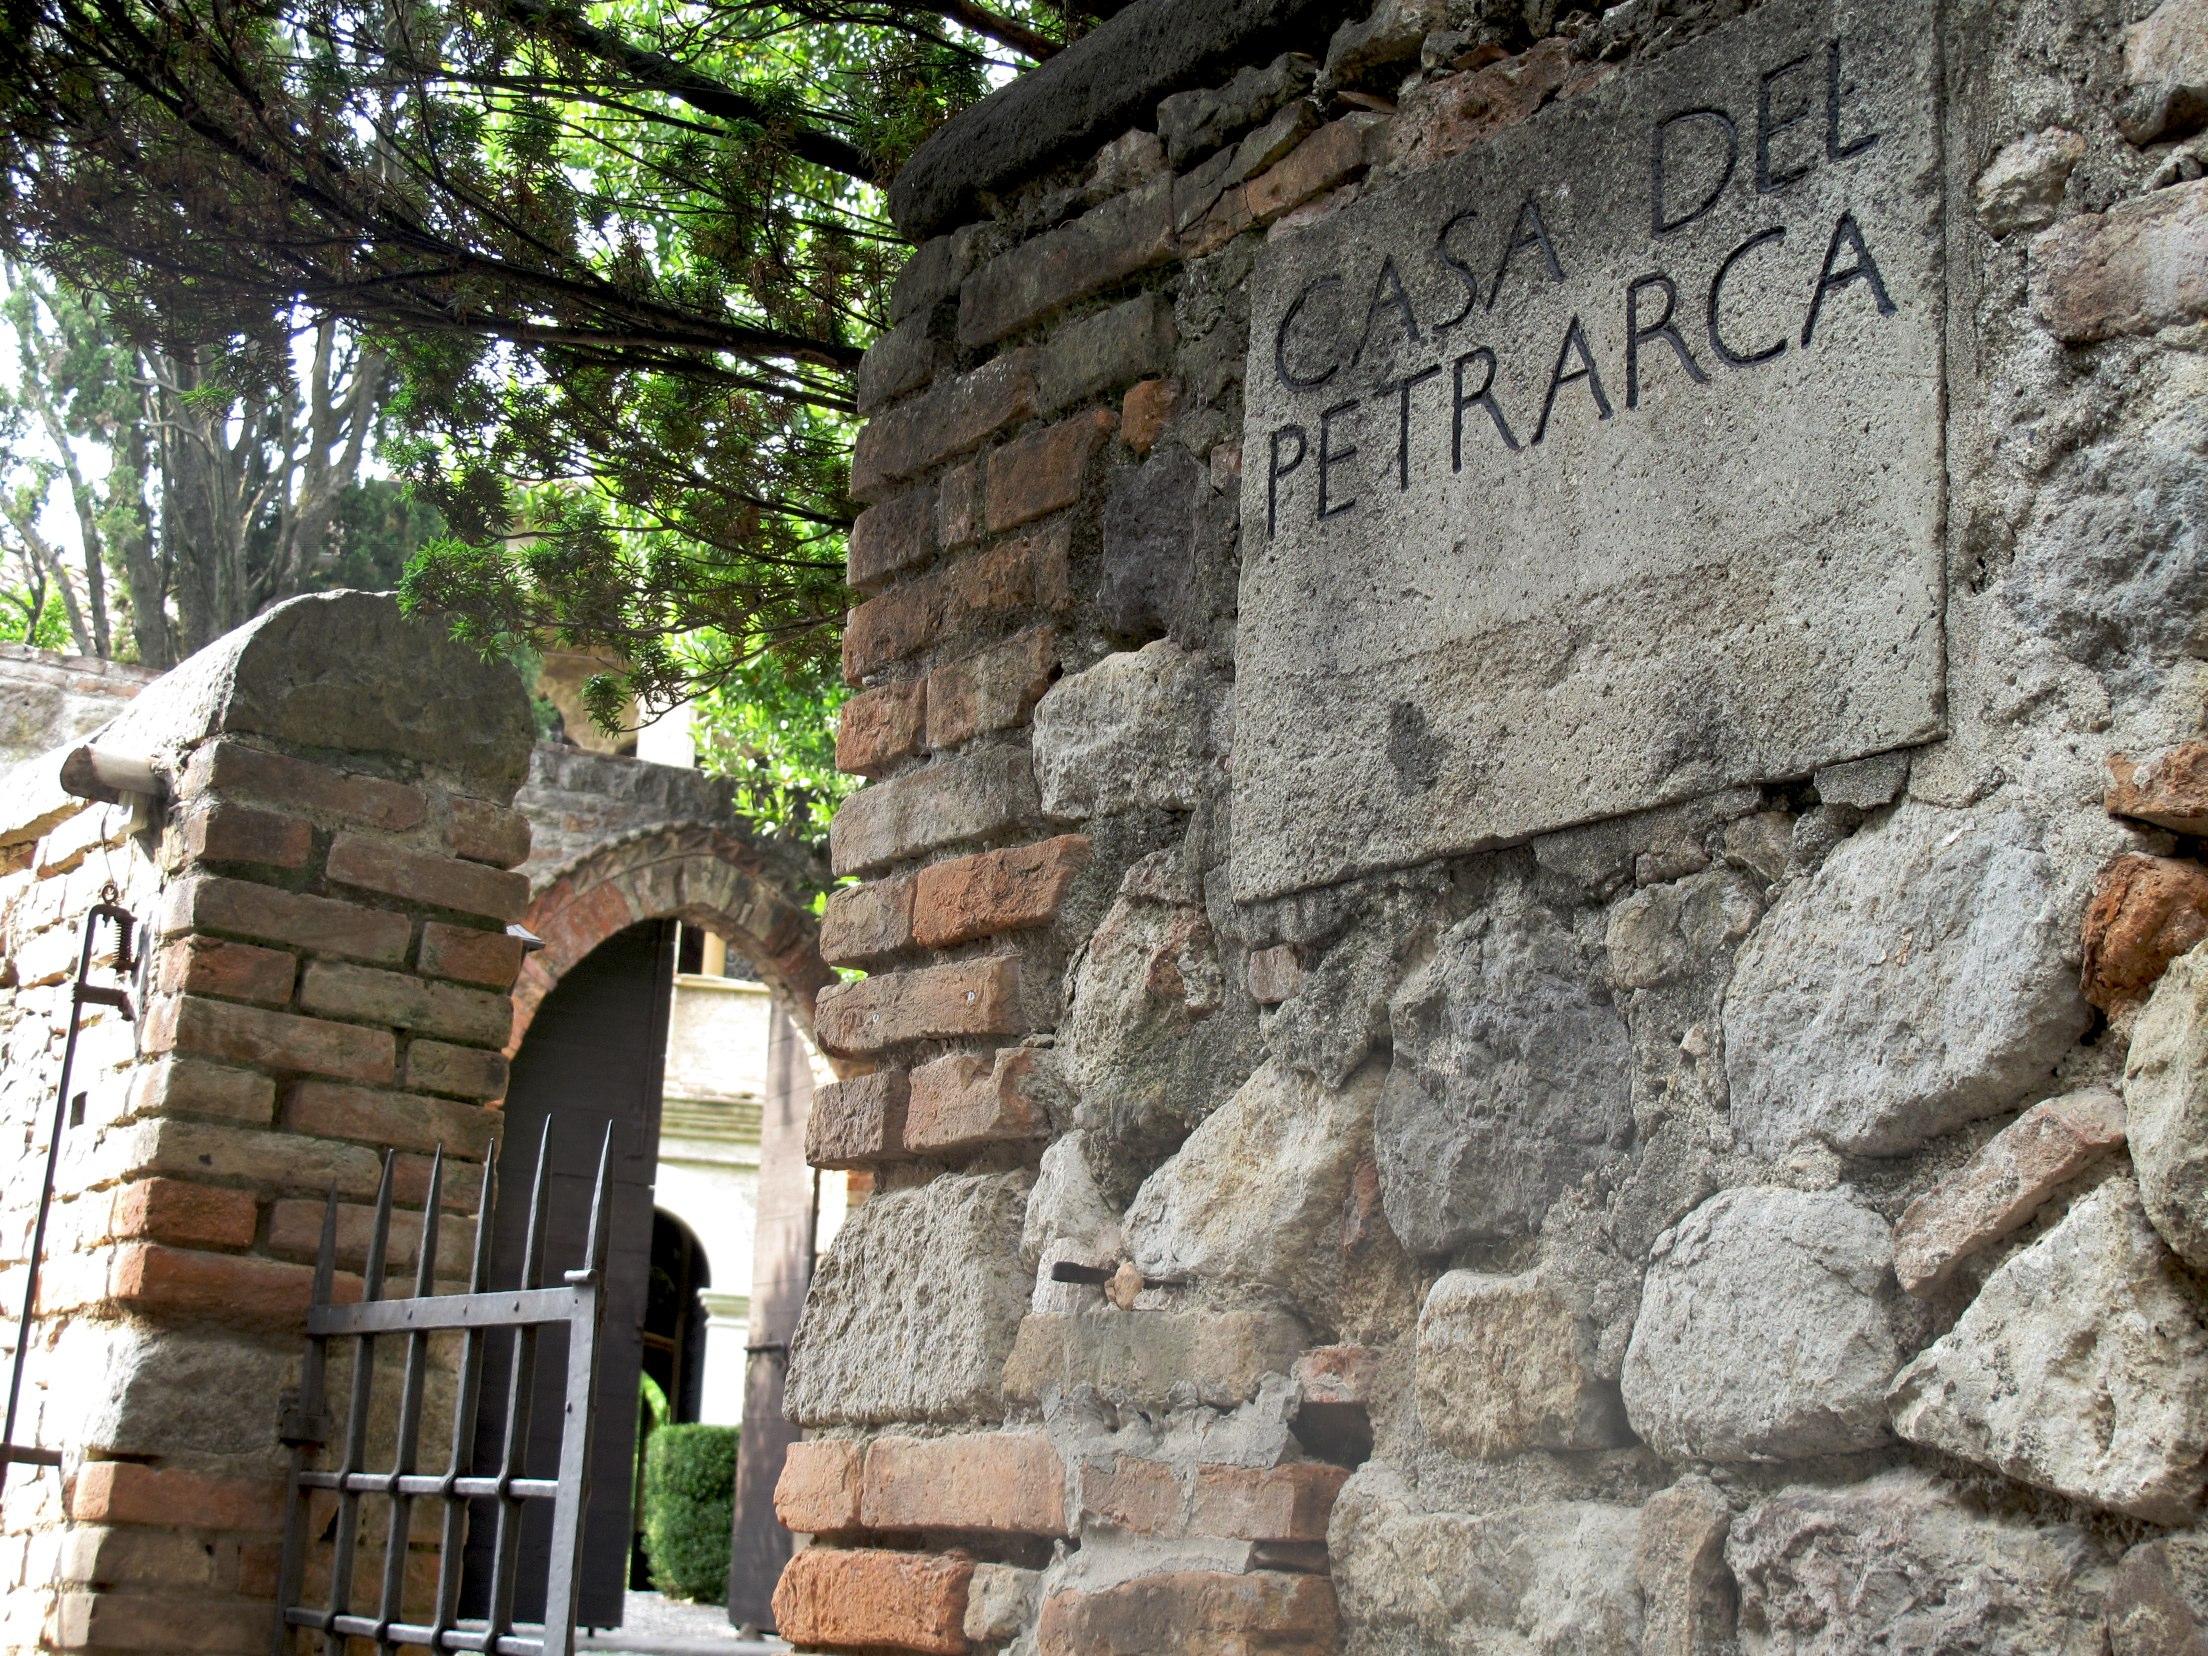 La casa del petrarca eat italy news for Casa di piantagioni del sud